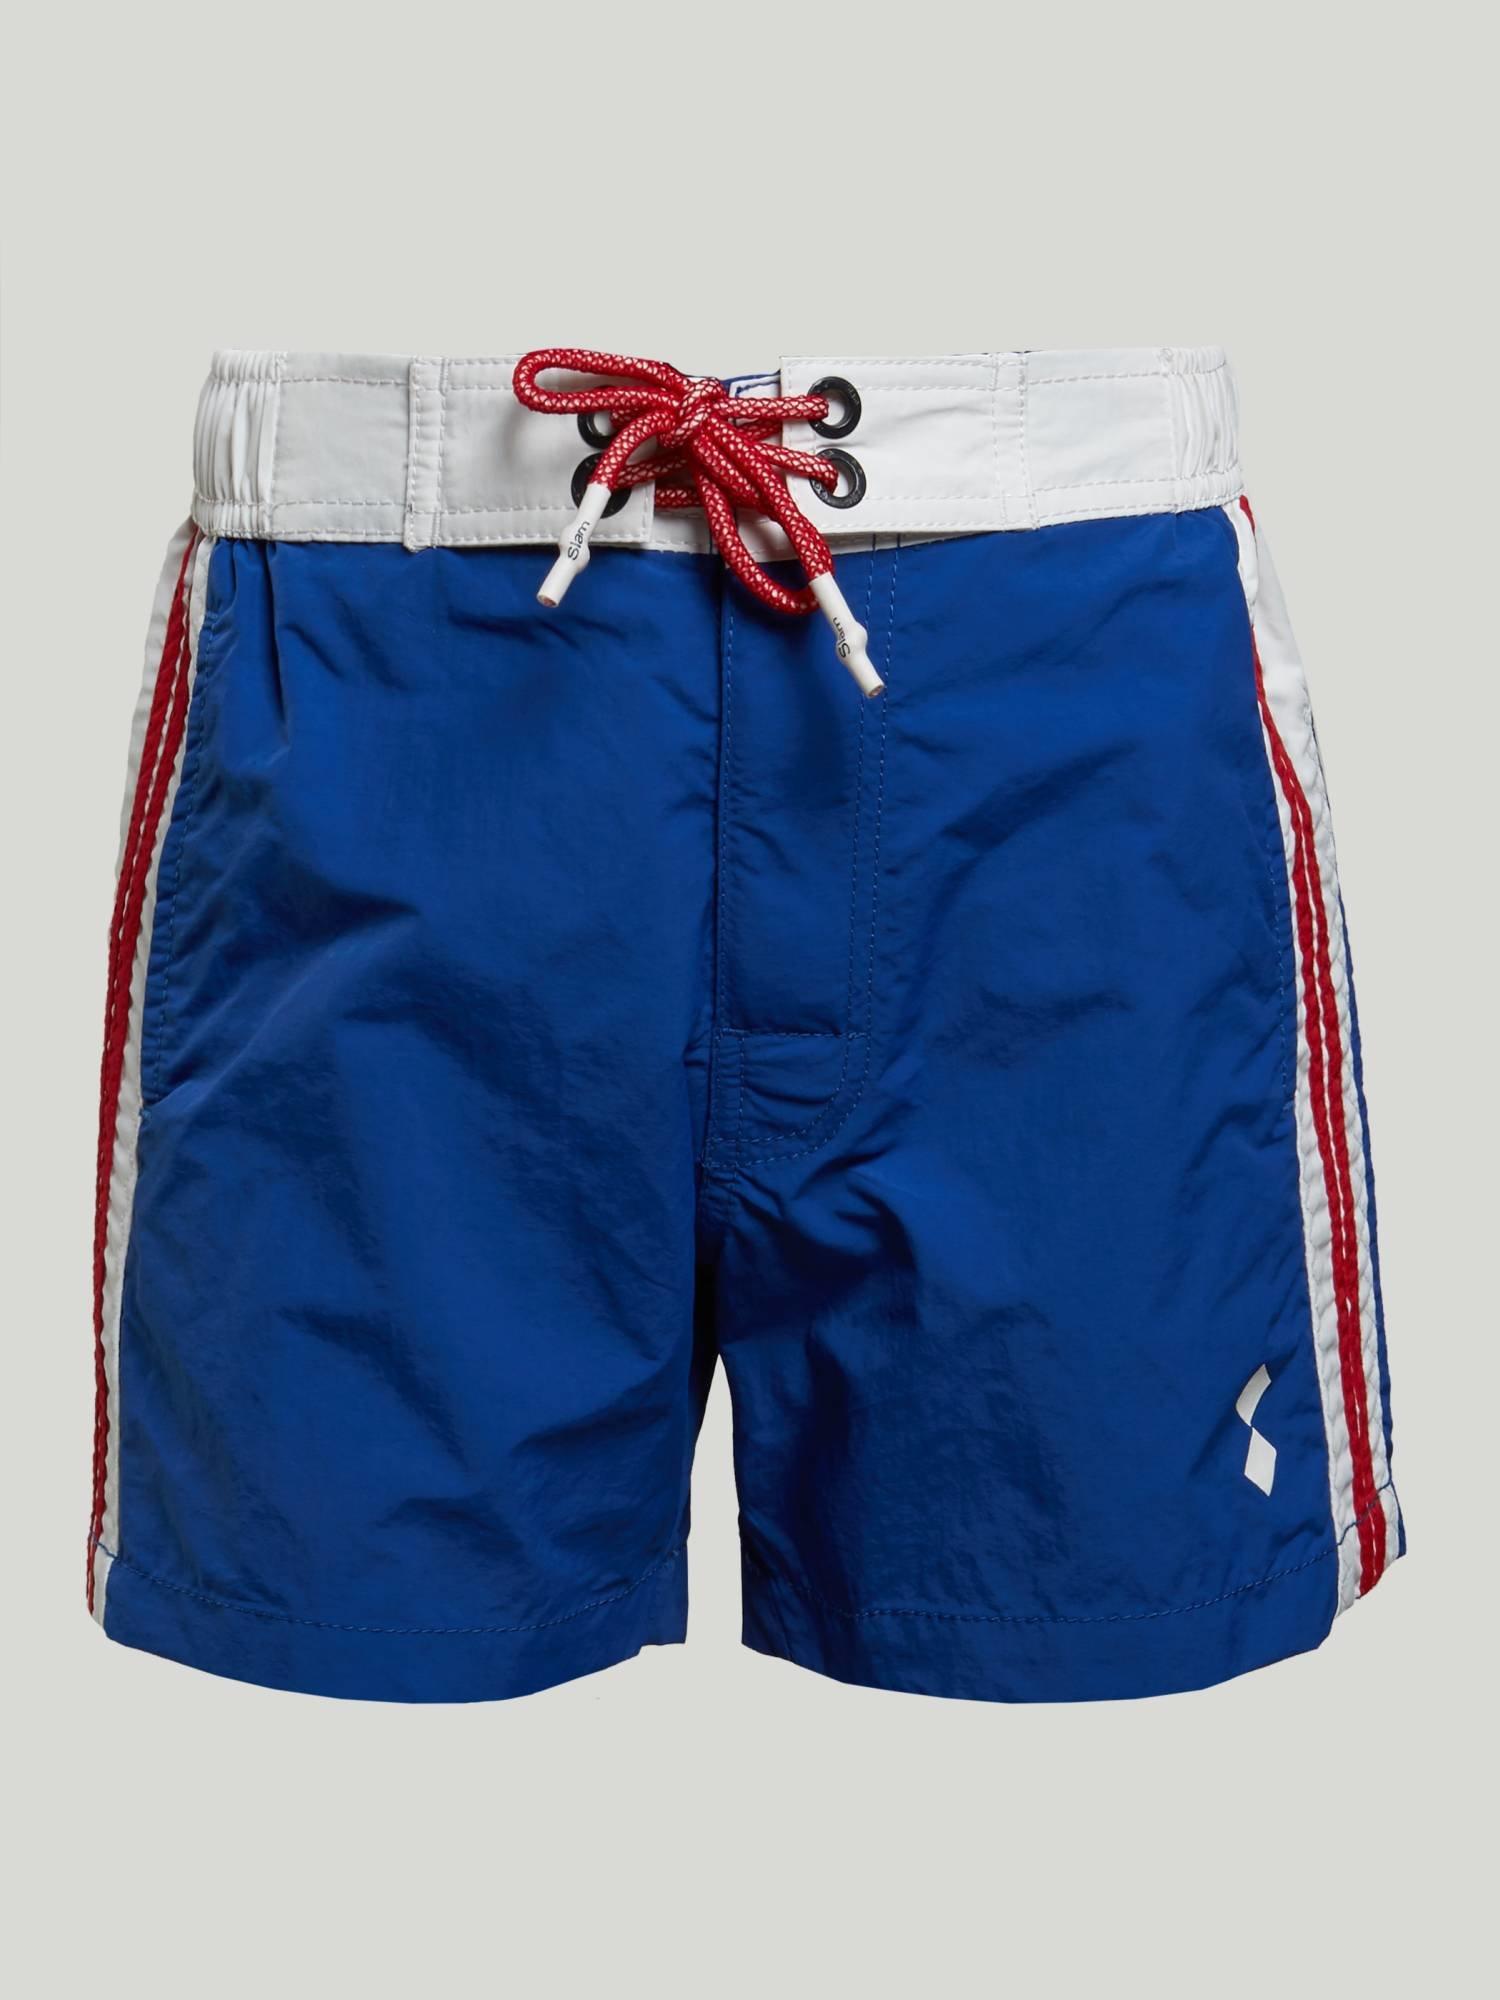 A63 Swimsuit JR